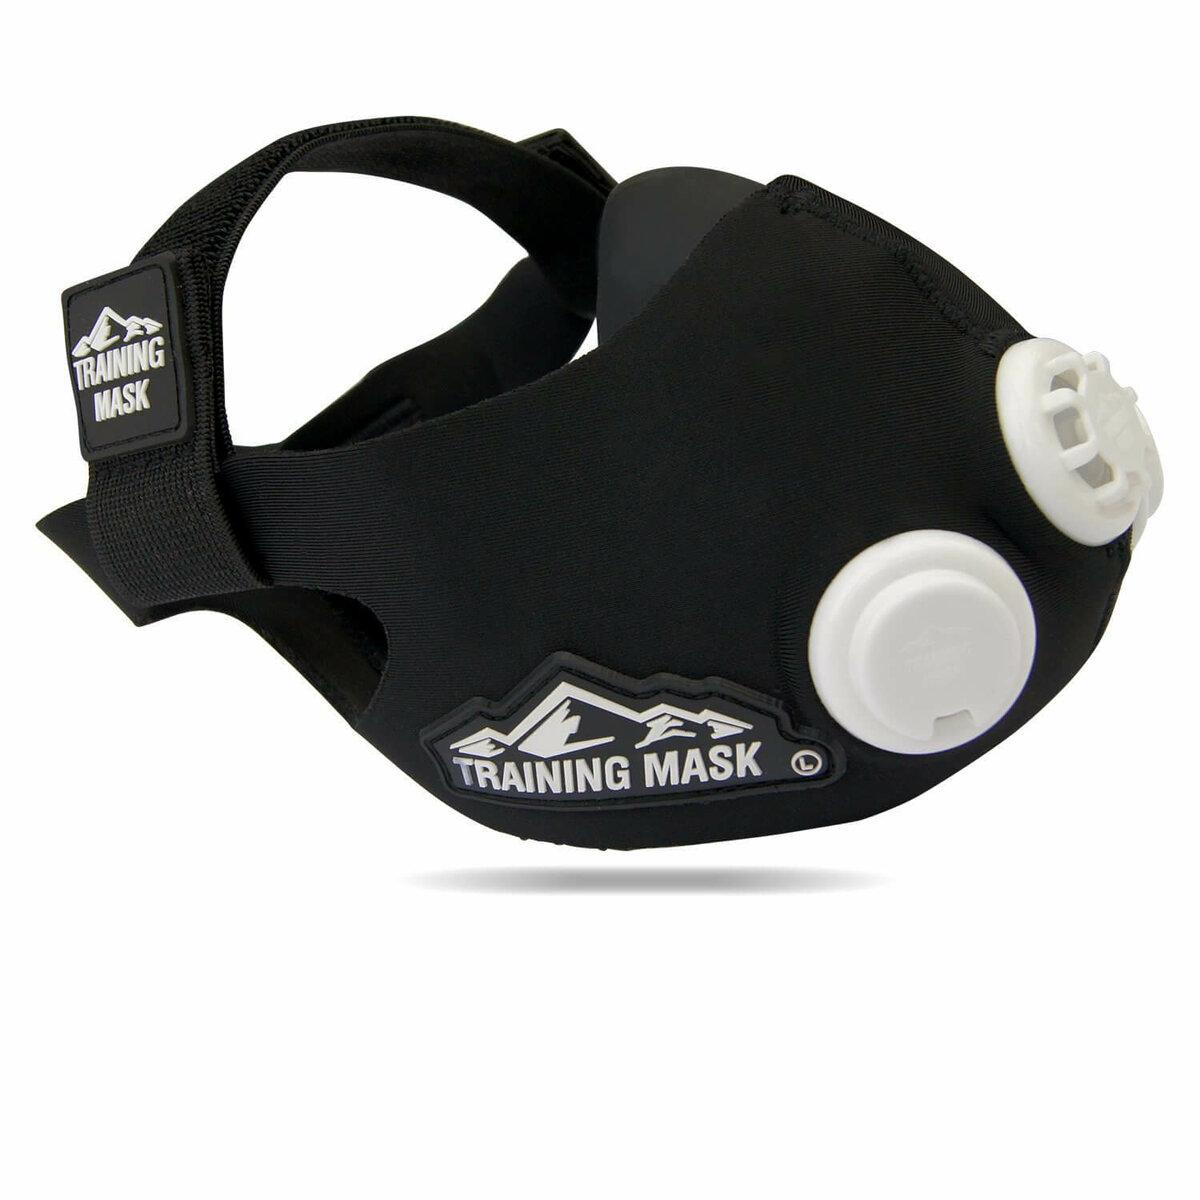 Аэробная тренировочная маска в Арзамасе